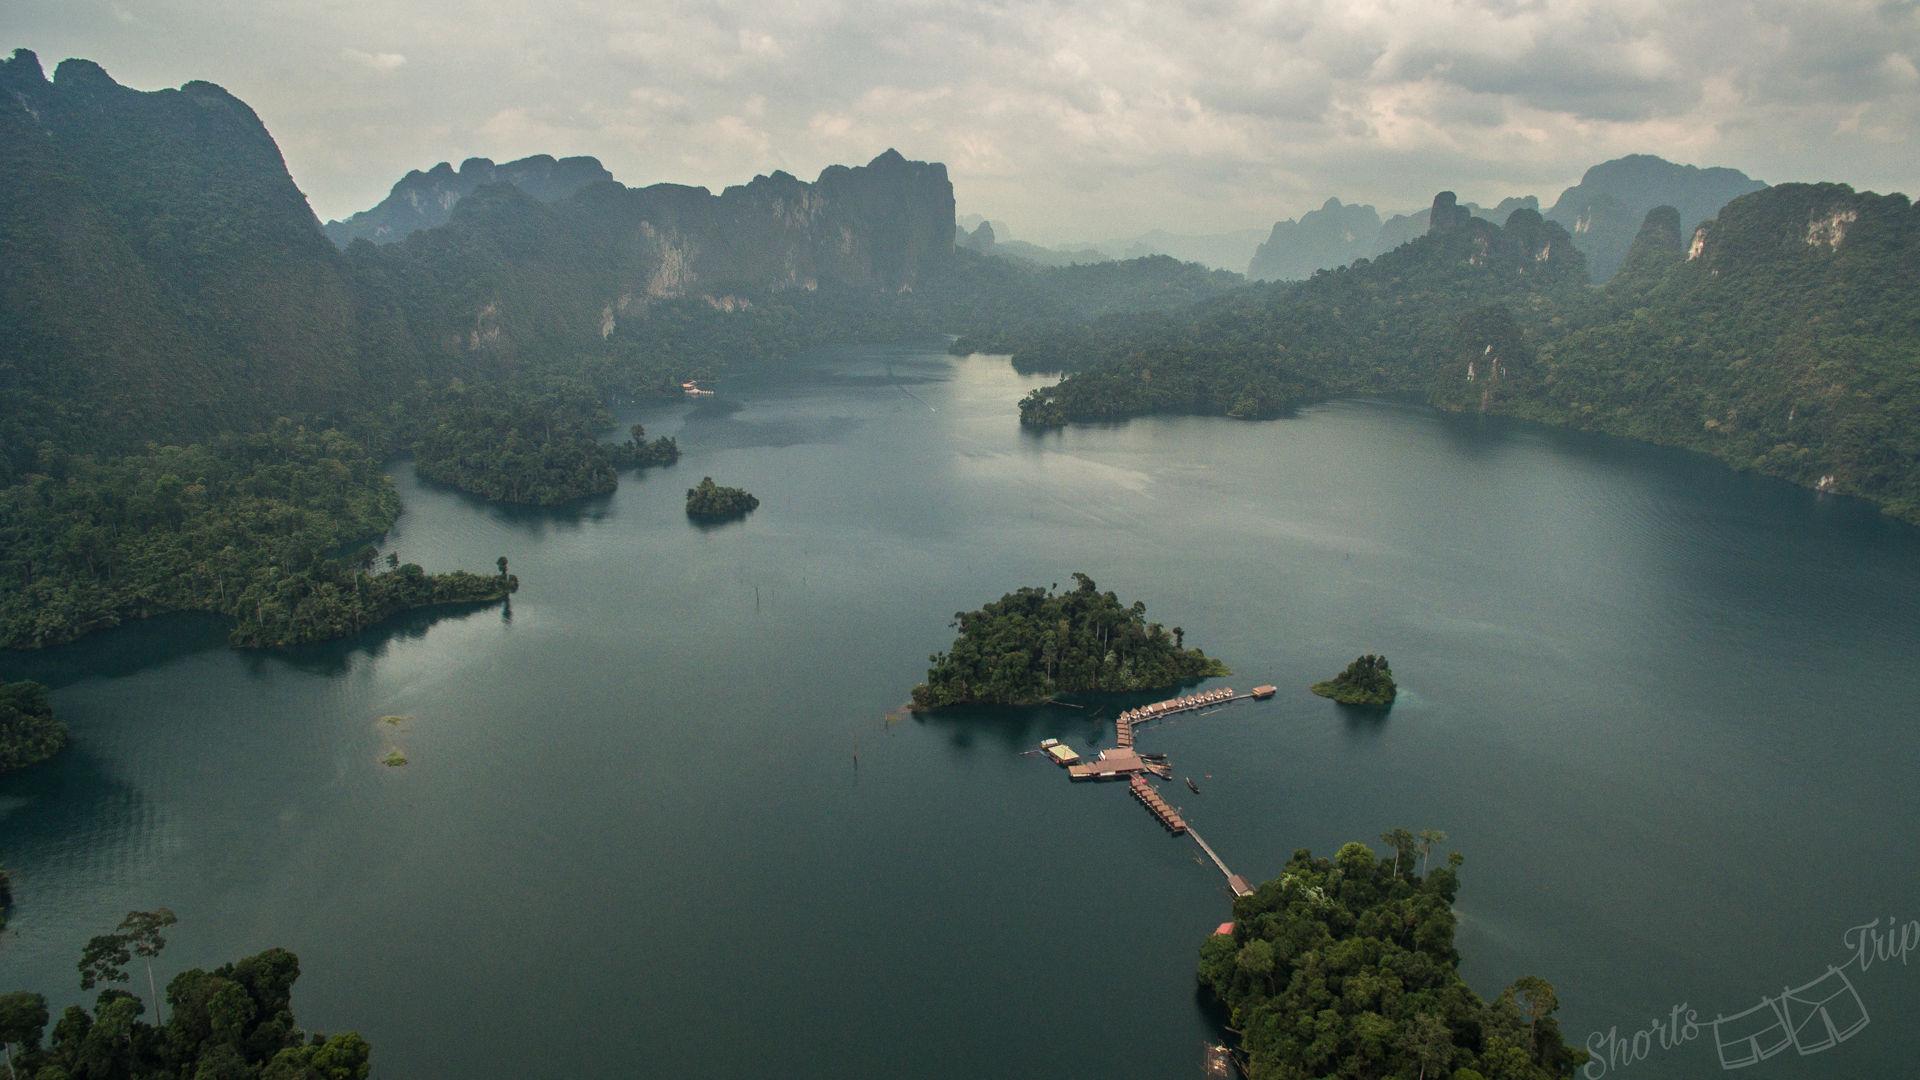 khao sok bamboo, khao sok national park, khao sok entrance fee